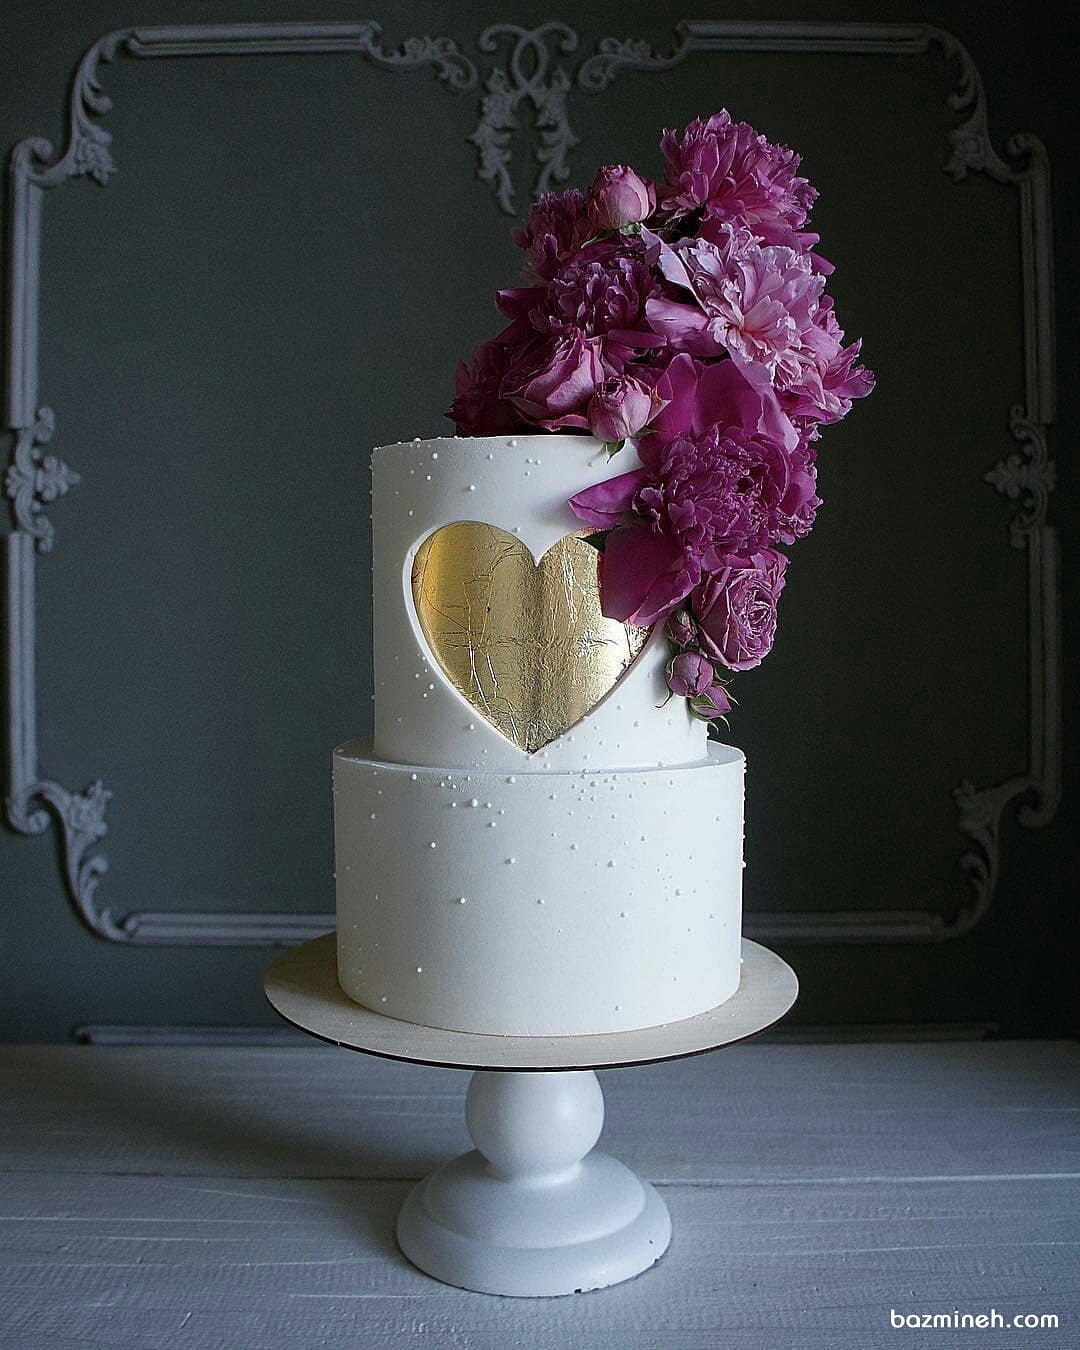 کیک دو طبقه جشن سالگرد ازدواج تزیین شده با گل های طبیعی